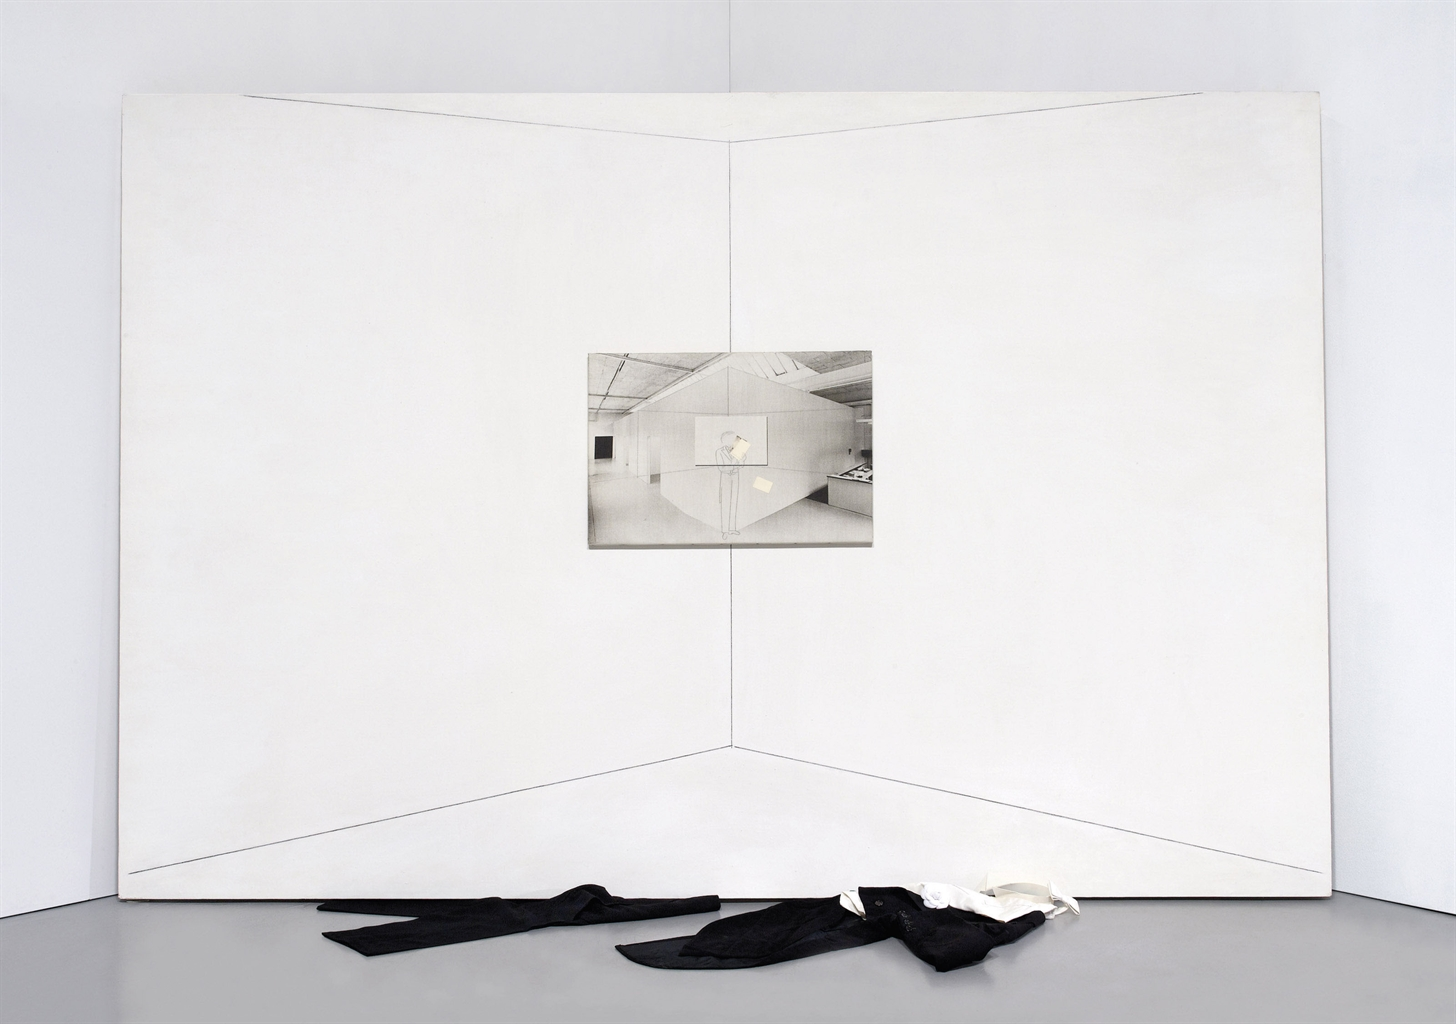 Giulio Paolini-Incognita (Unknowable)-1980